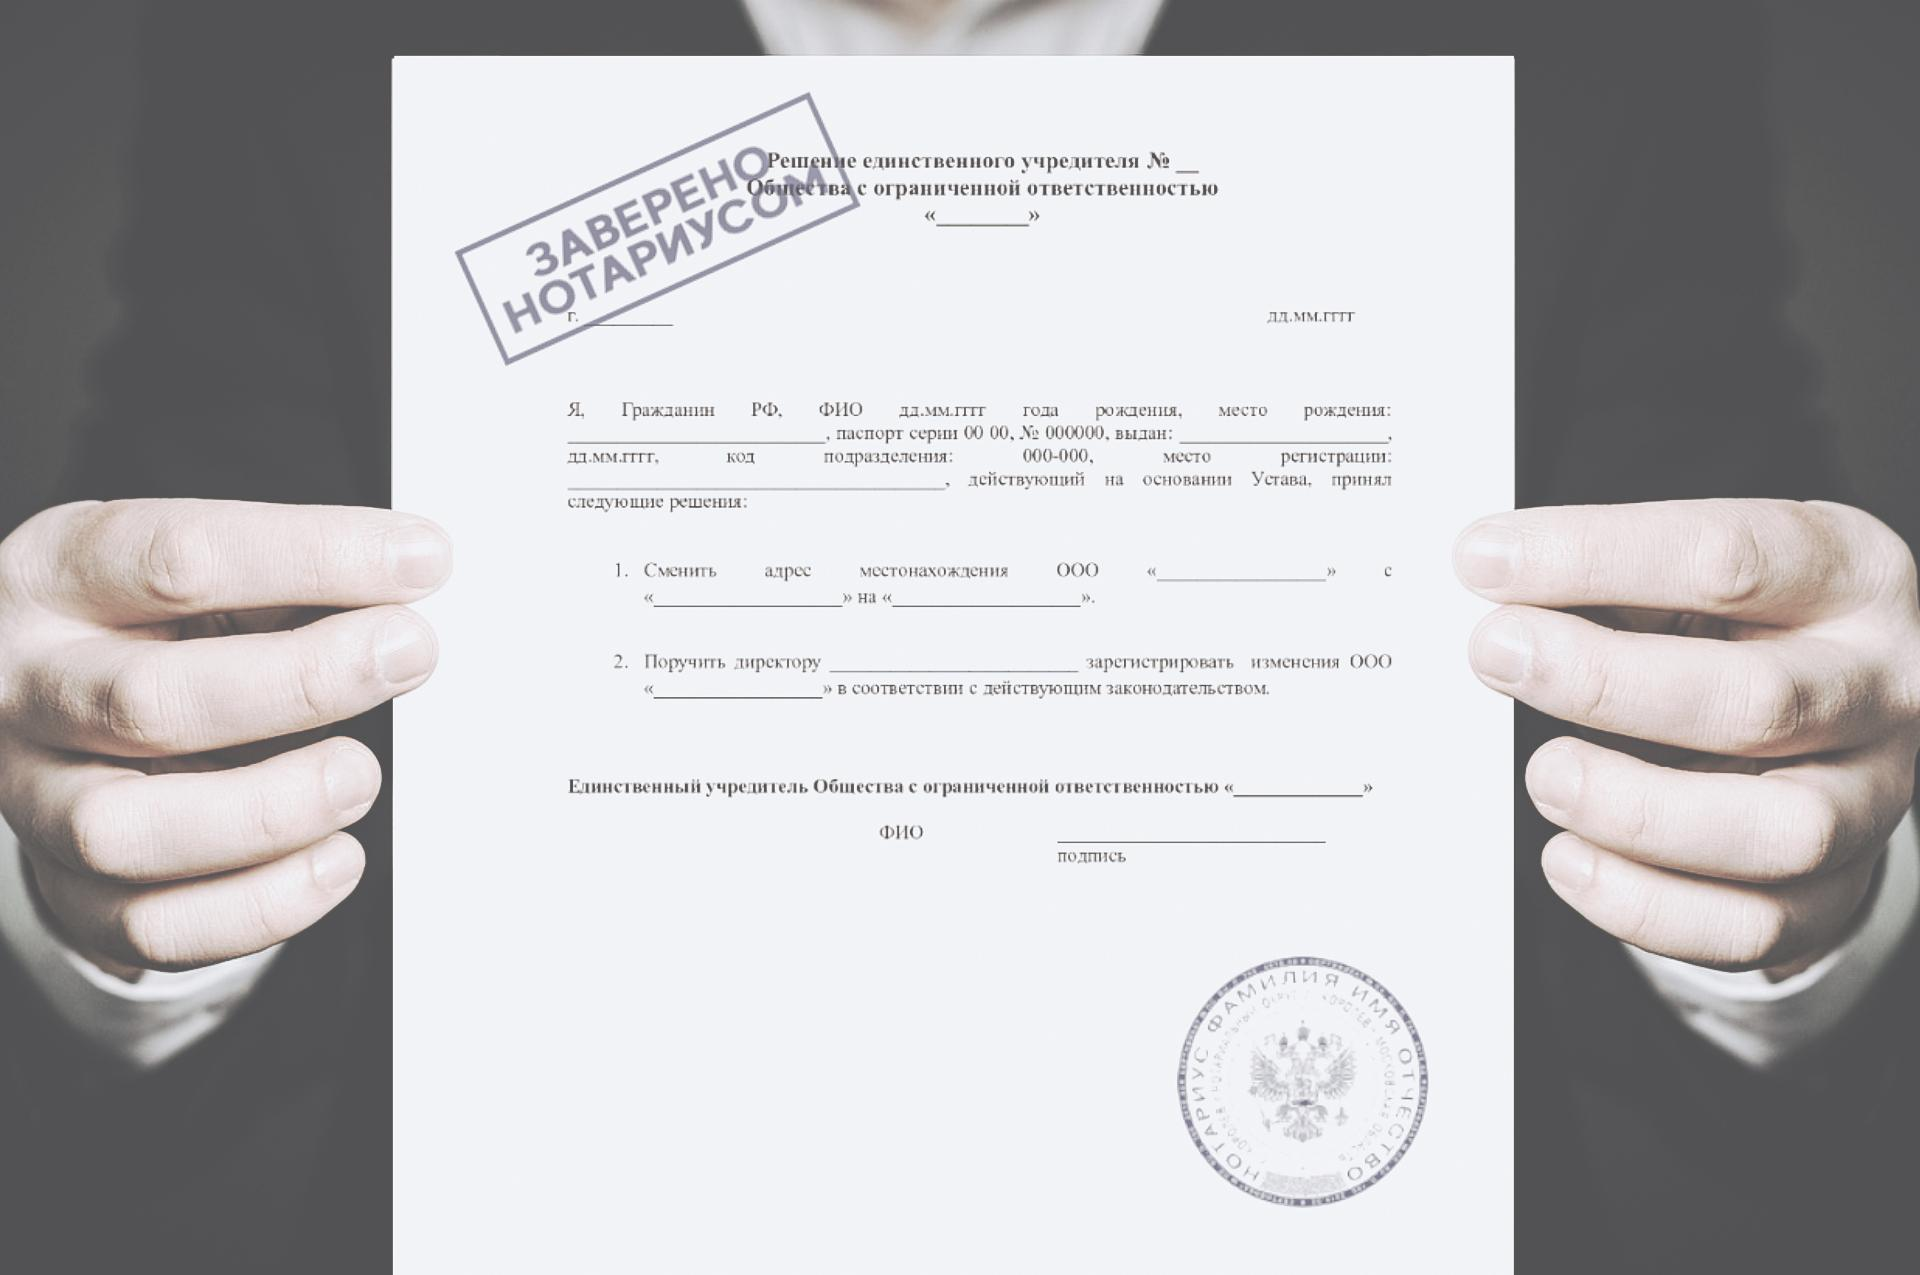 ВАЖНО! Нотариальное удостоверение решений ООО